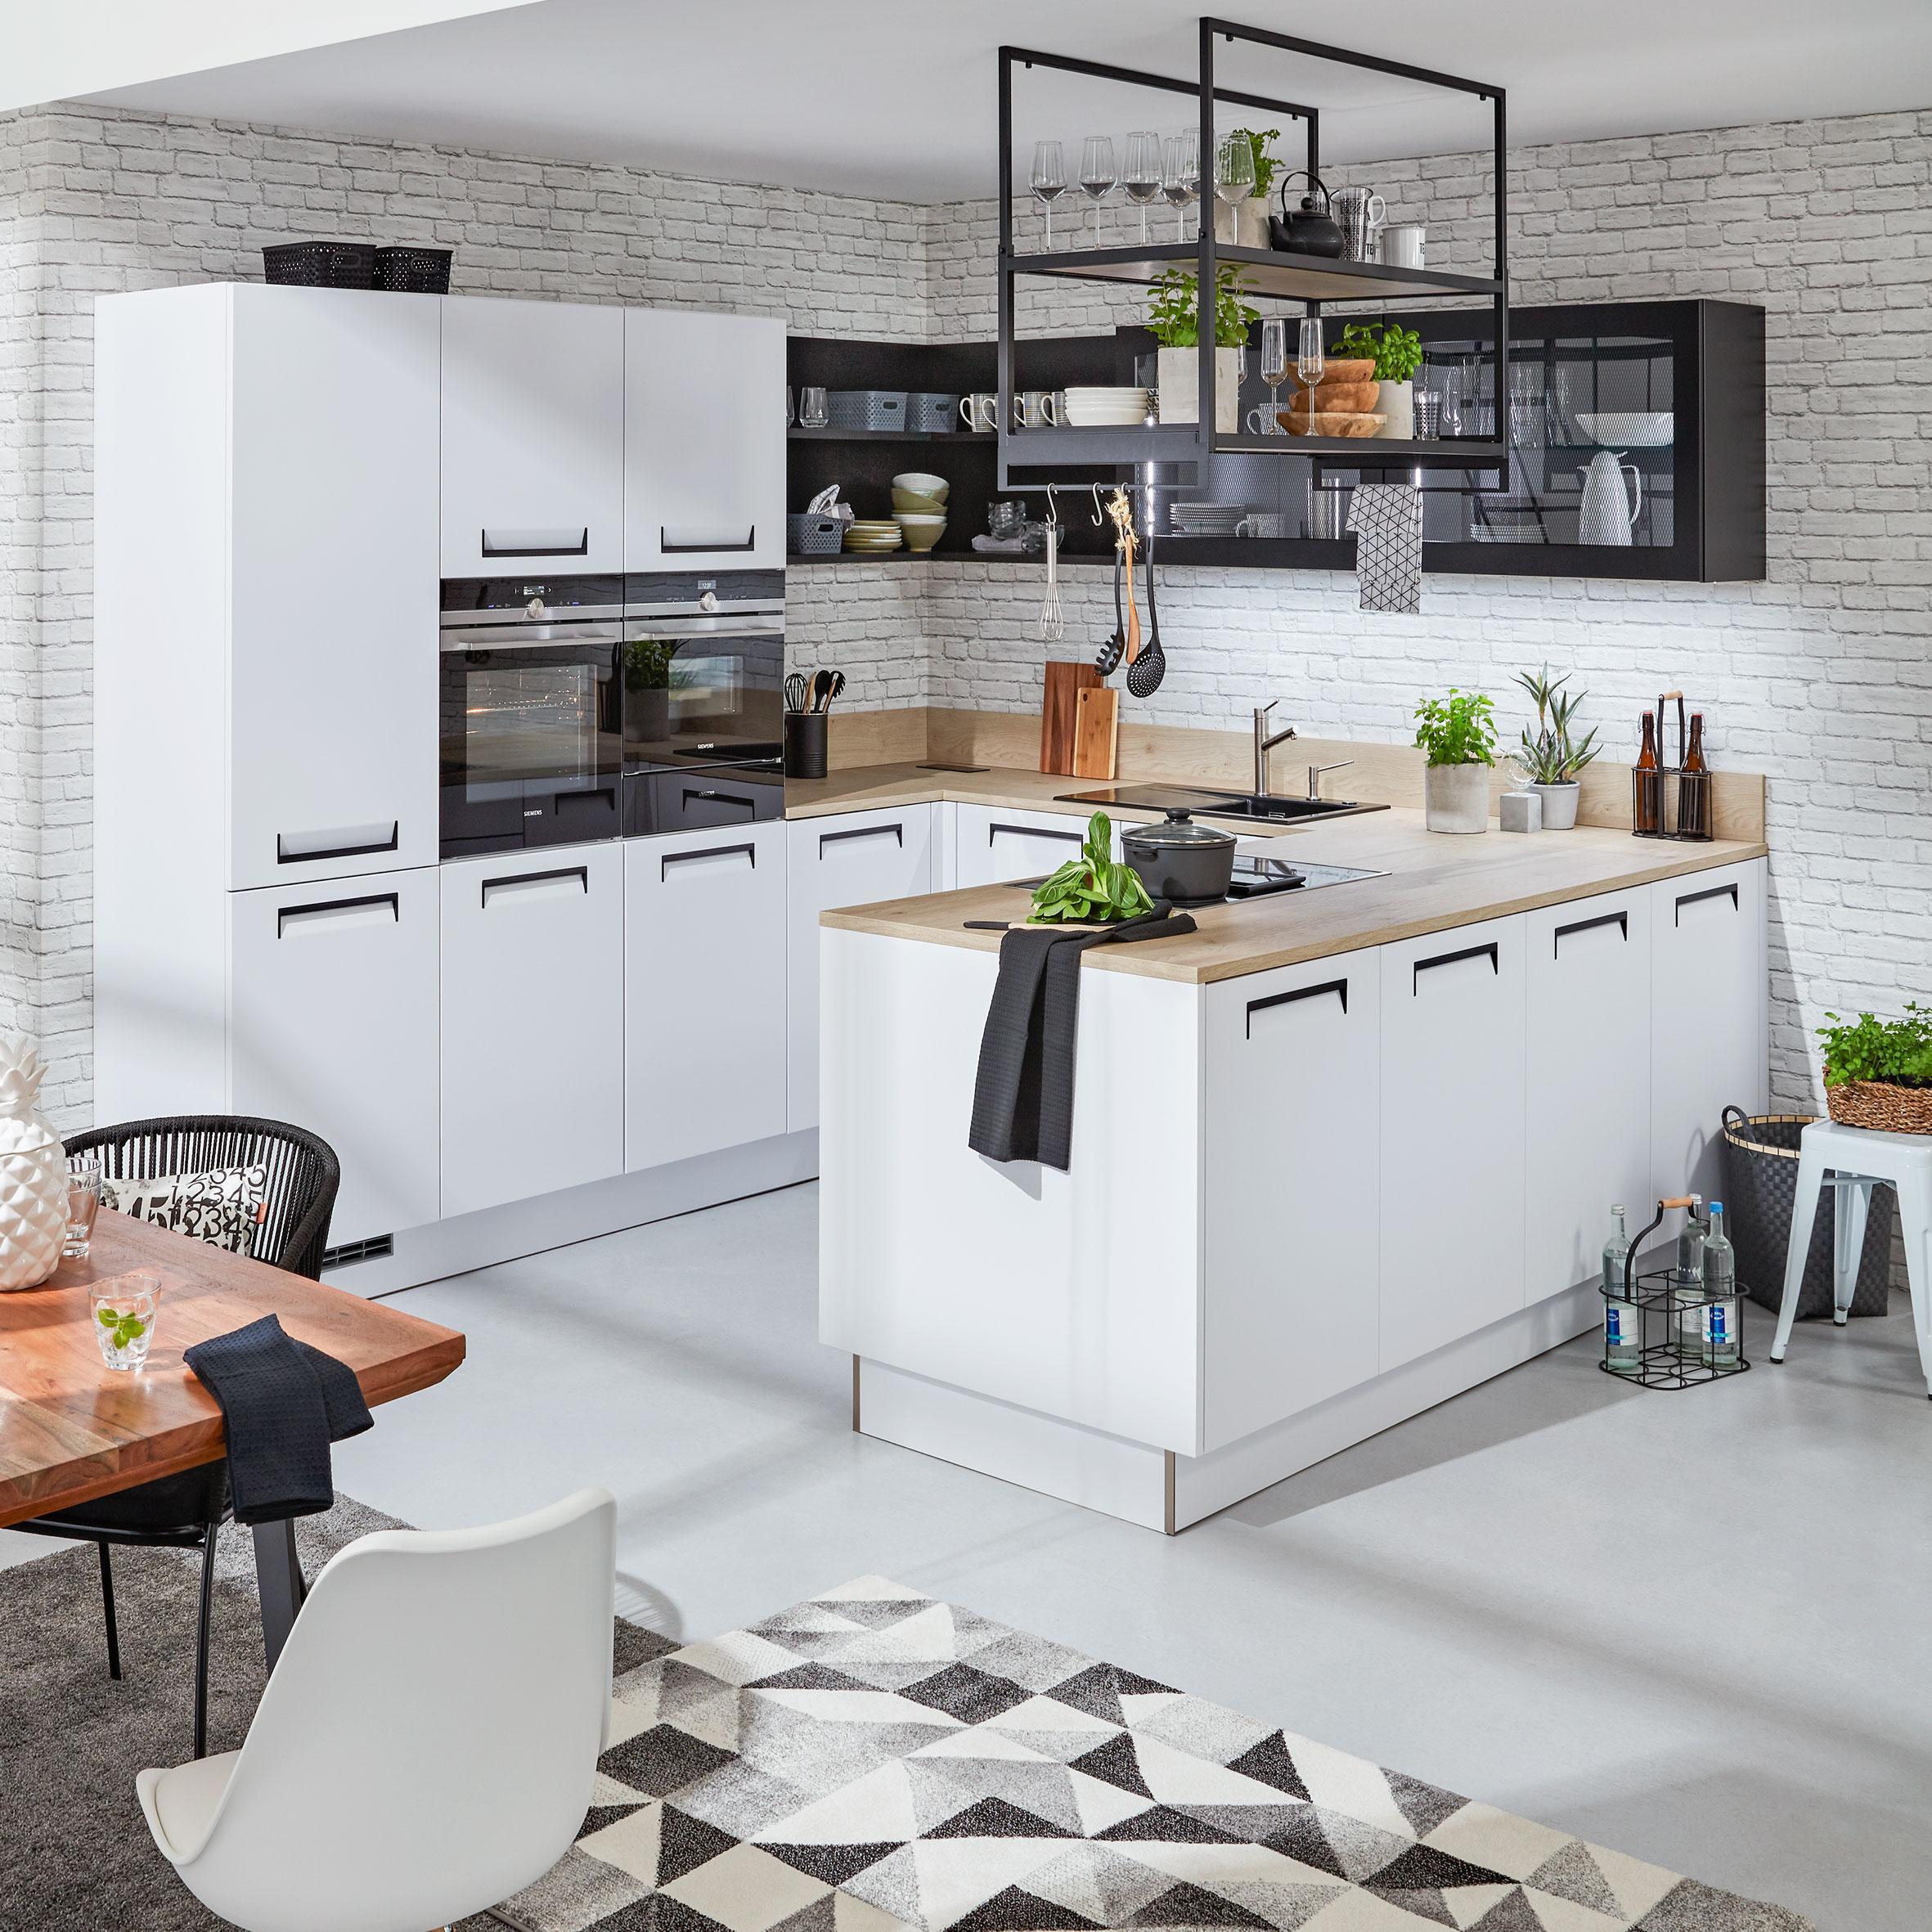 Charmant Einbauküche Nolte Integra Weiß   Weiß (305/290cm)   Nolte Küchen